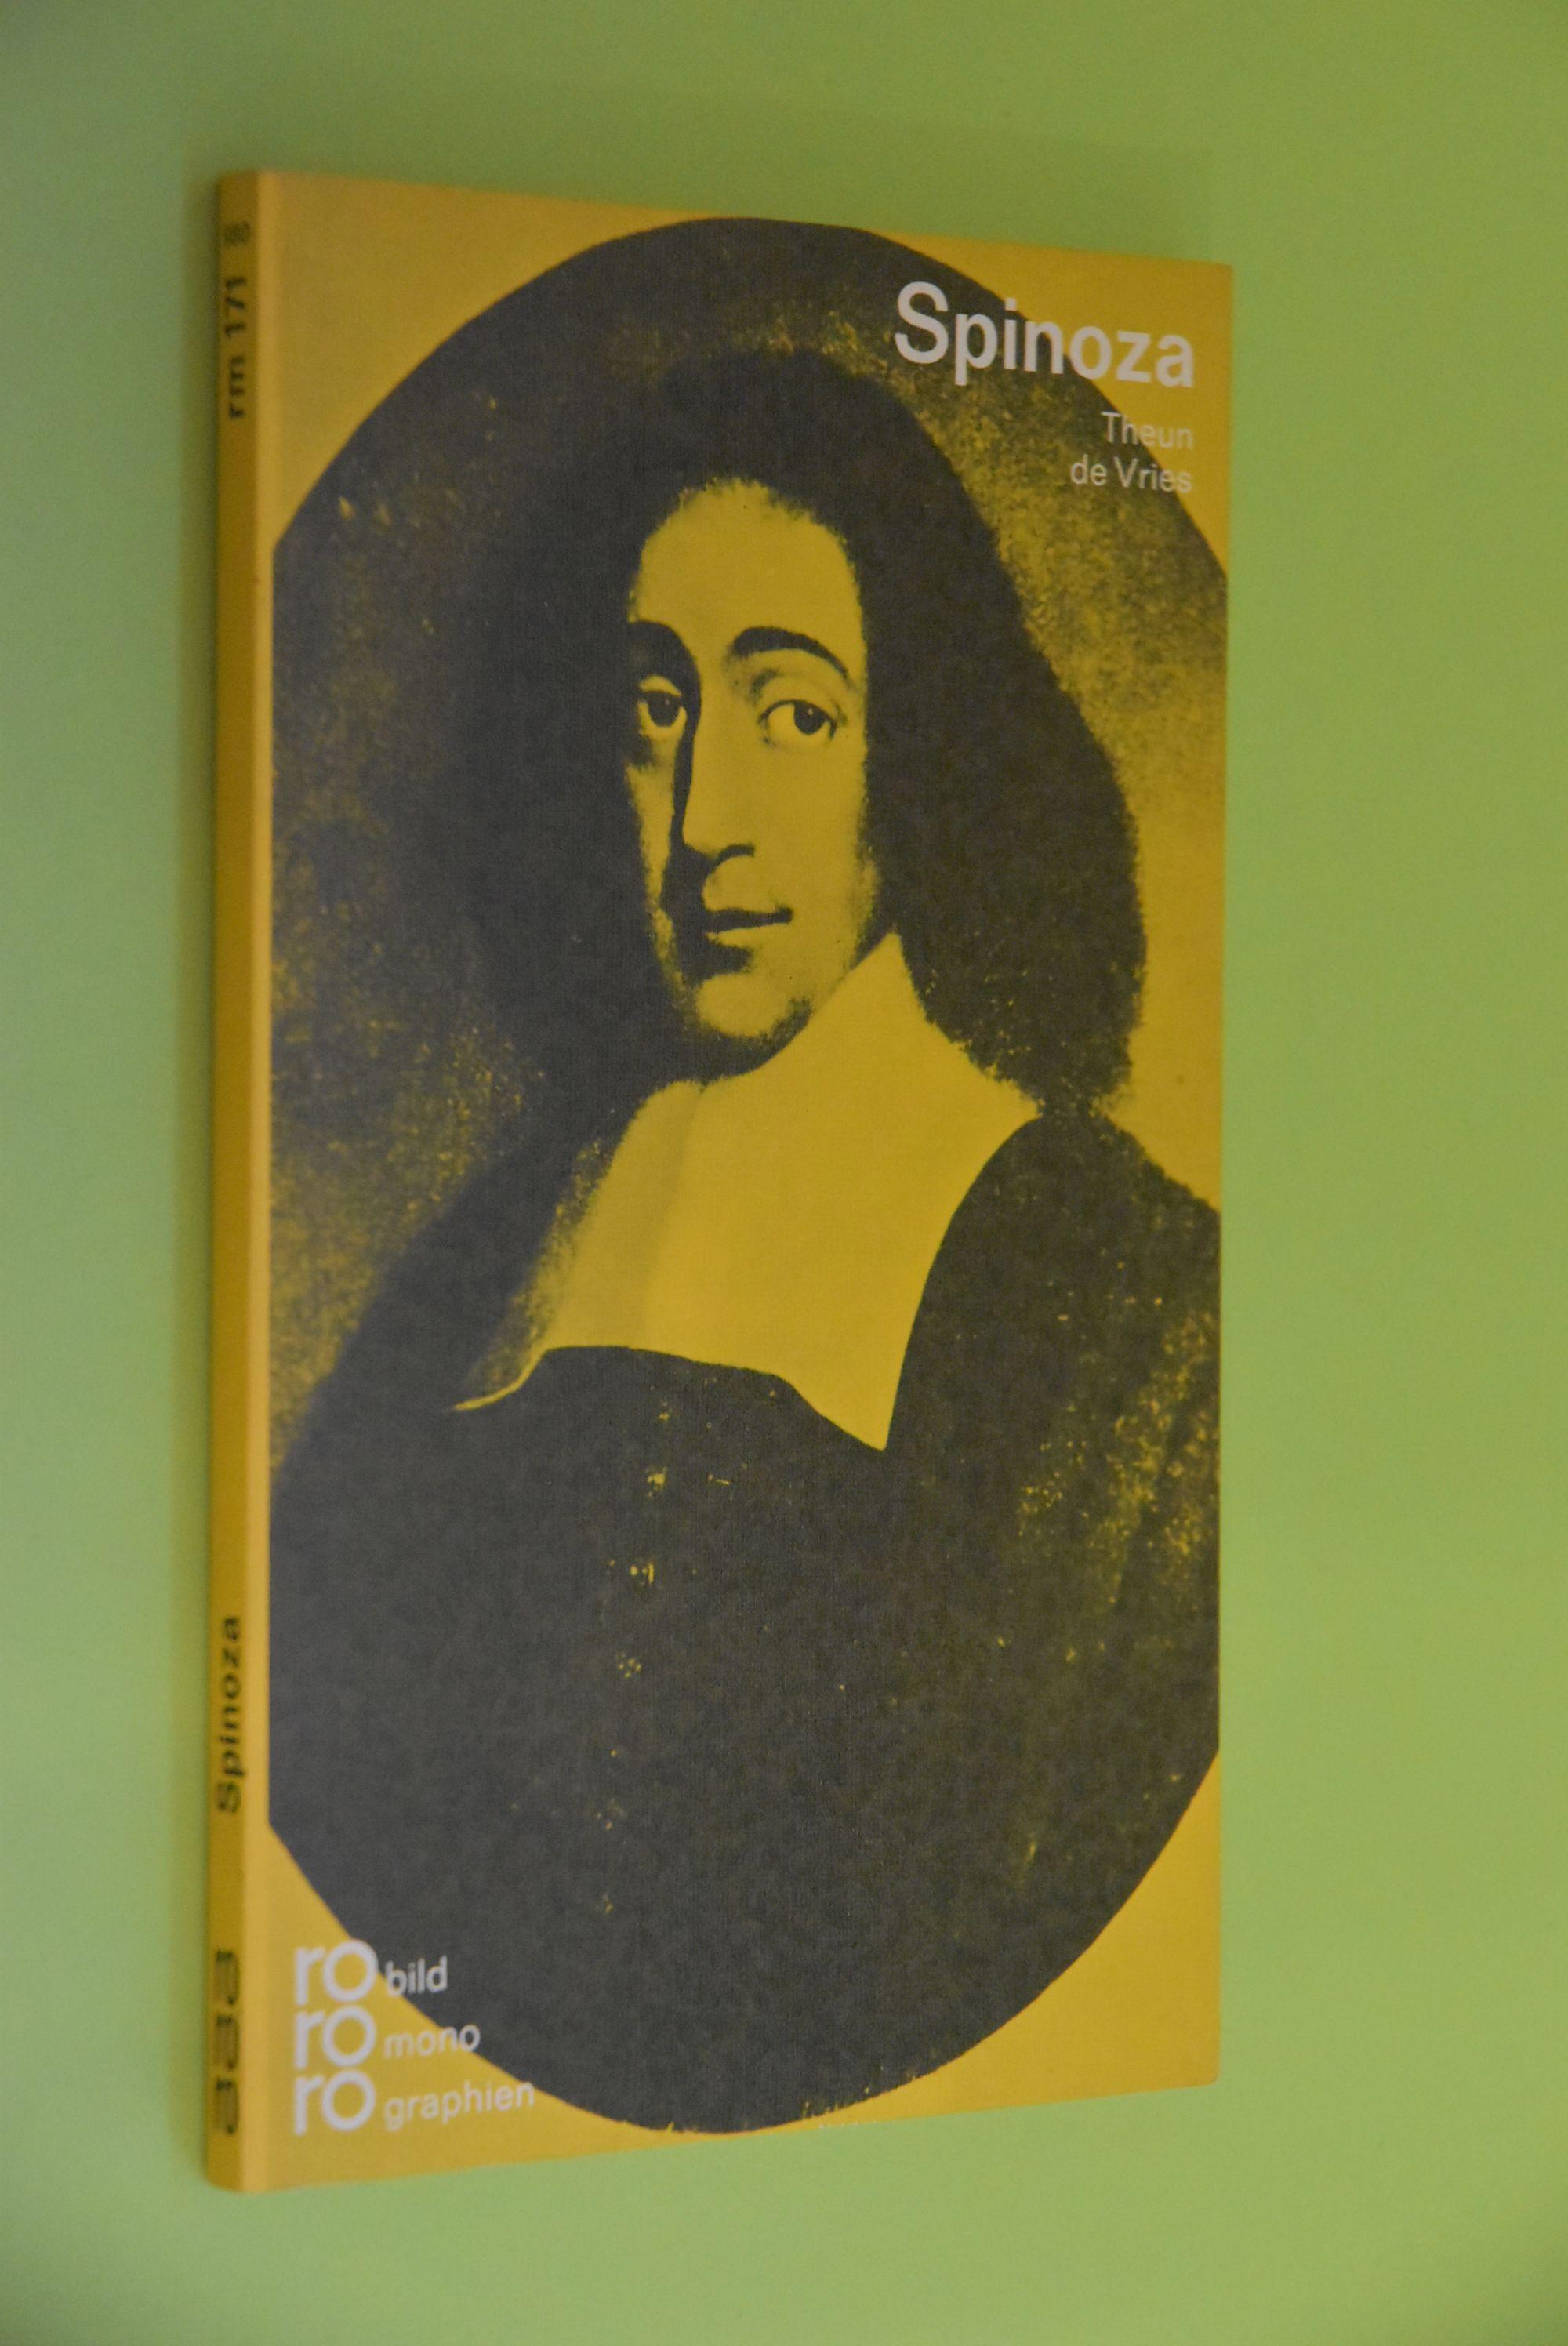 Baruch de Spinoza in Selbstzeugnissen und Bilddokumenten. Dargestellt. [Aus d. niederländ. Ms. übertr. von Elisabeth Meter-Plaut. Den dokumentar. u. bibliograph. Anh. besorgte d. Autor] / rowohlts monographien ; 171 - Vries, Theun de